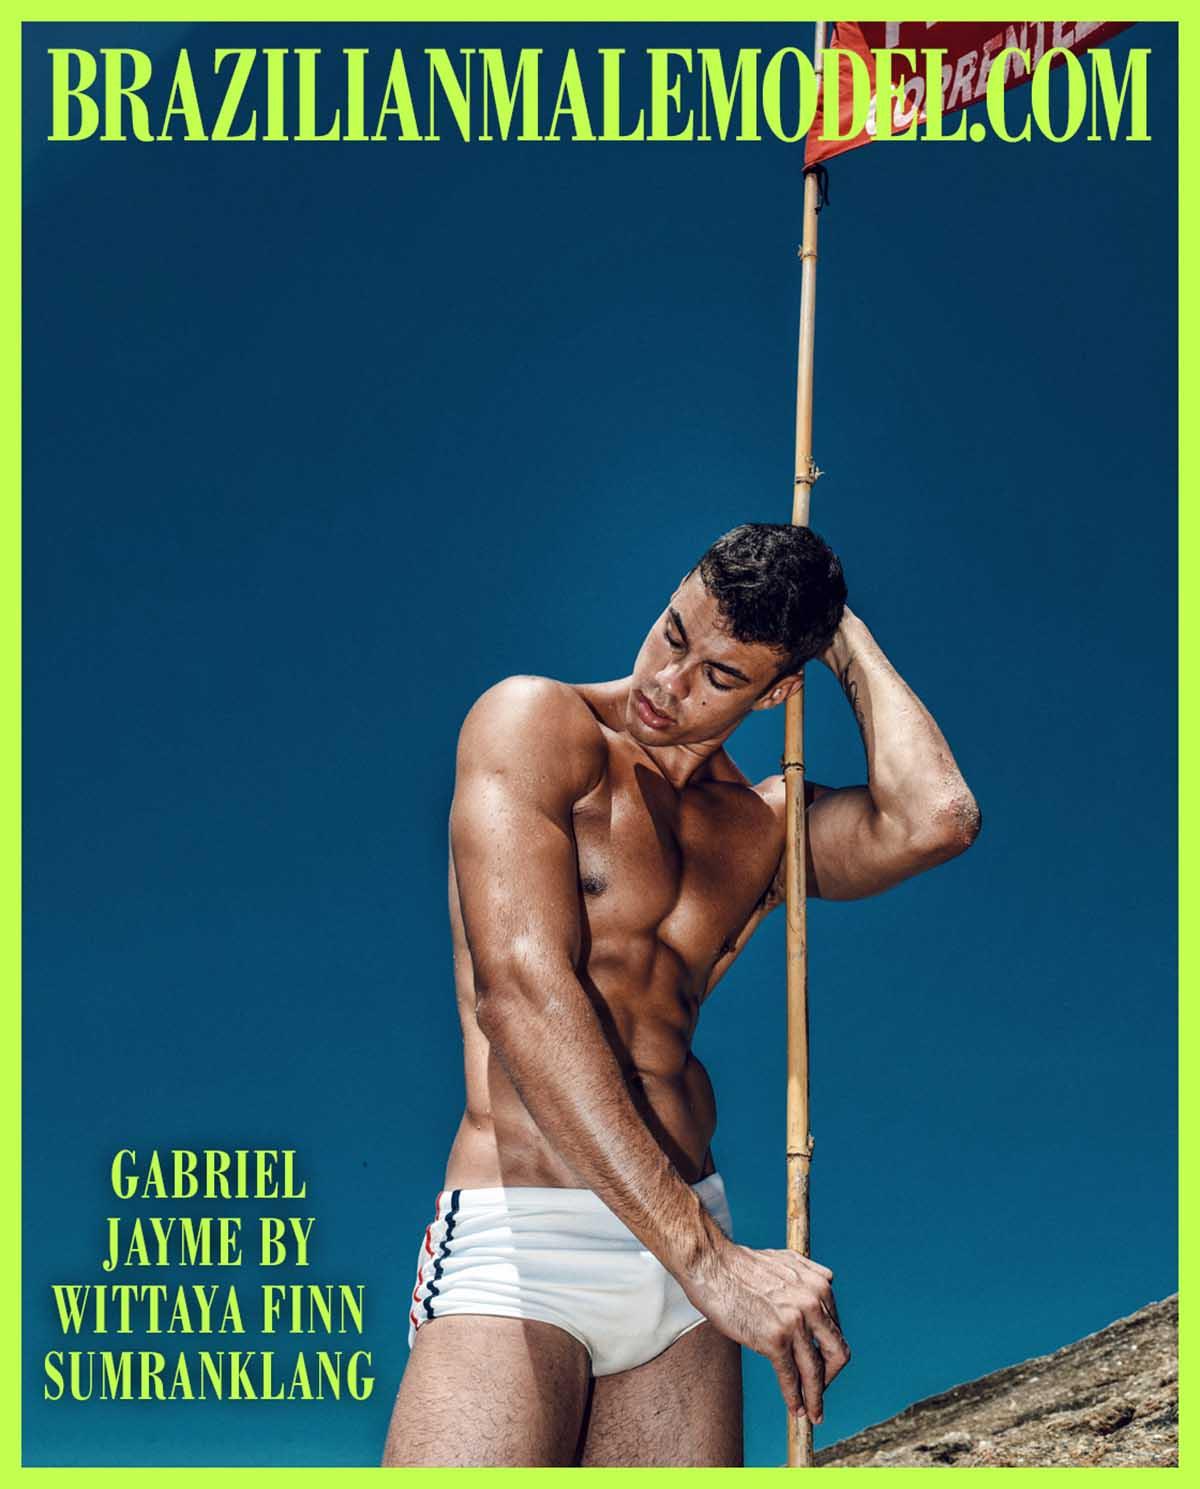 GABRIEL JAYME X WITTAYA FINN SUMRANKLANG X Brazilian Male Model